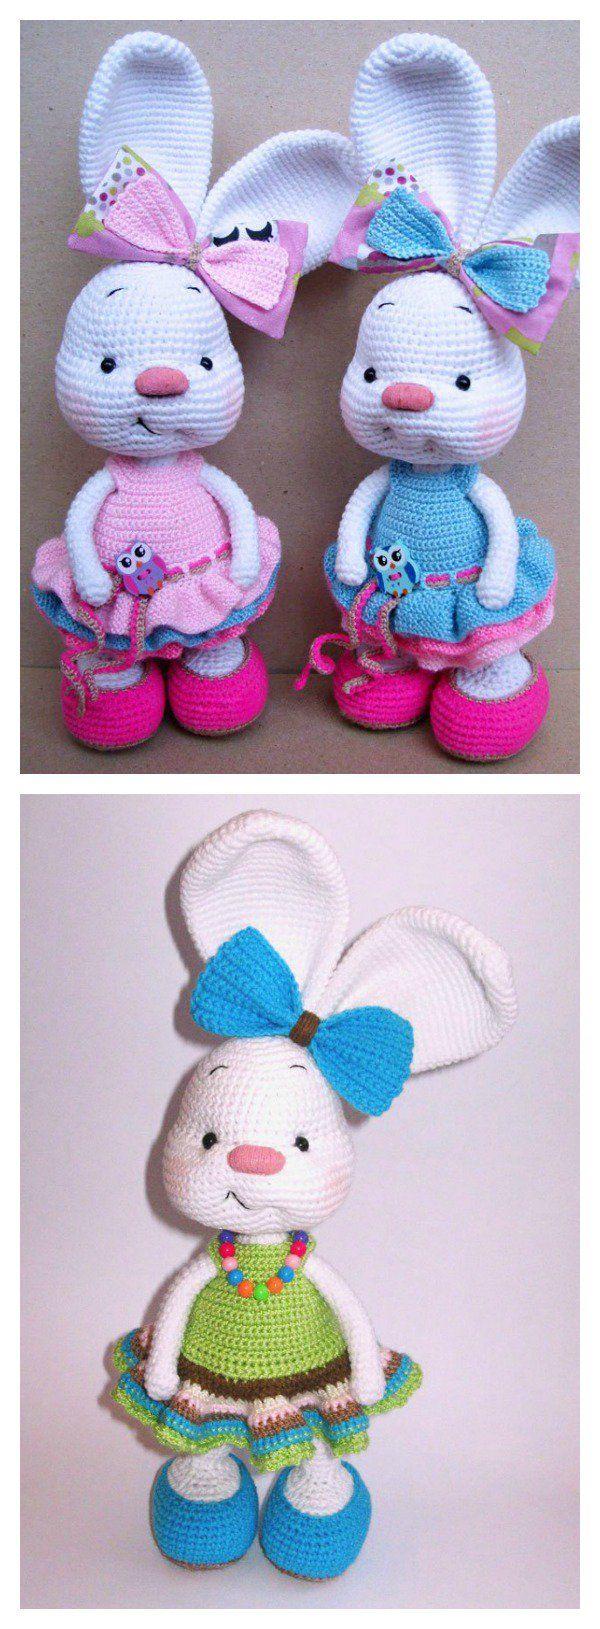 Free Amigurumi Bunny Crochet Patterns | Das kleid, Häkelarbeiten und ...